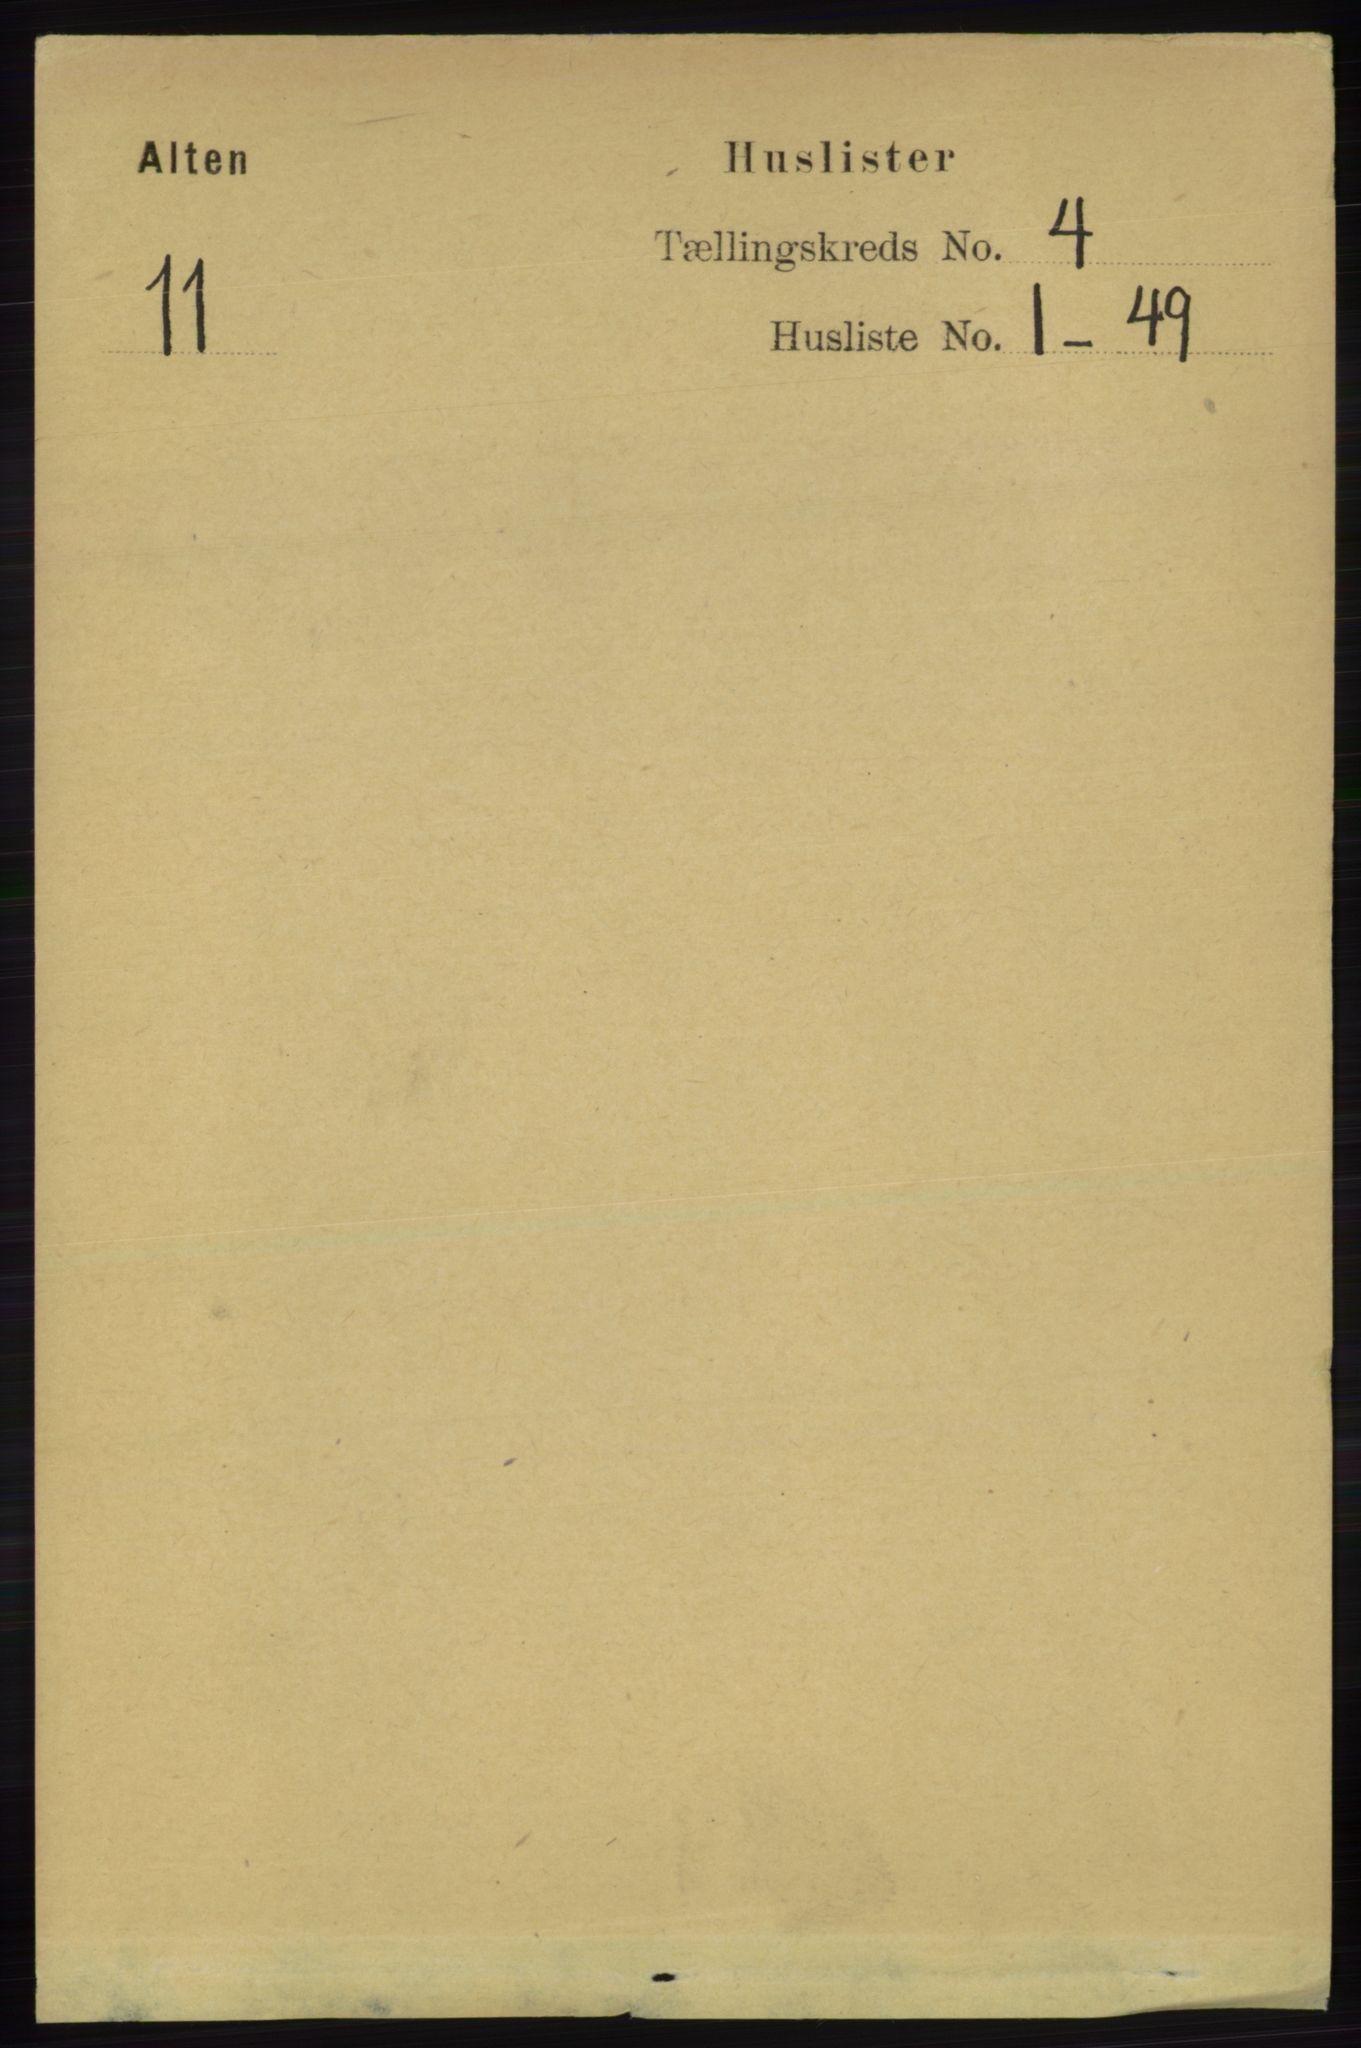 RA, Folketelling 1891 for 2012 Alta herred, 1891, s. 1310